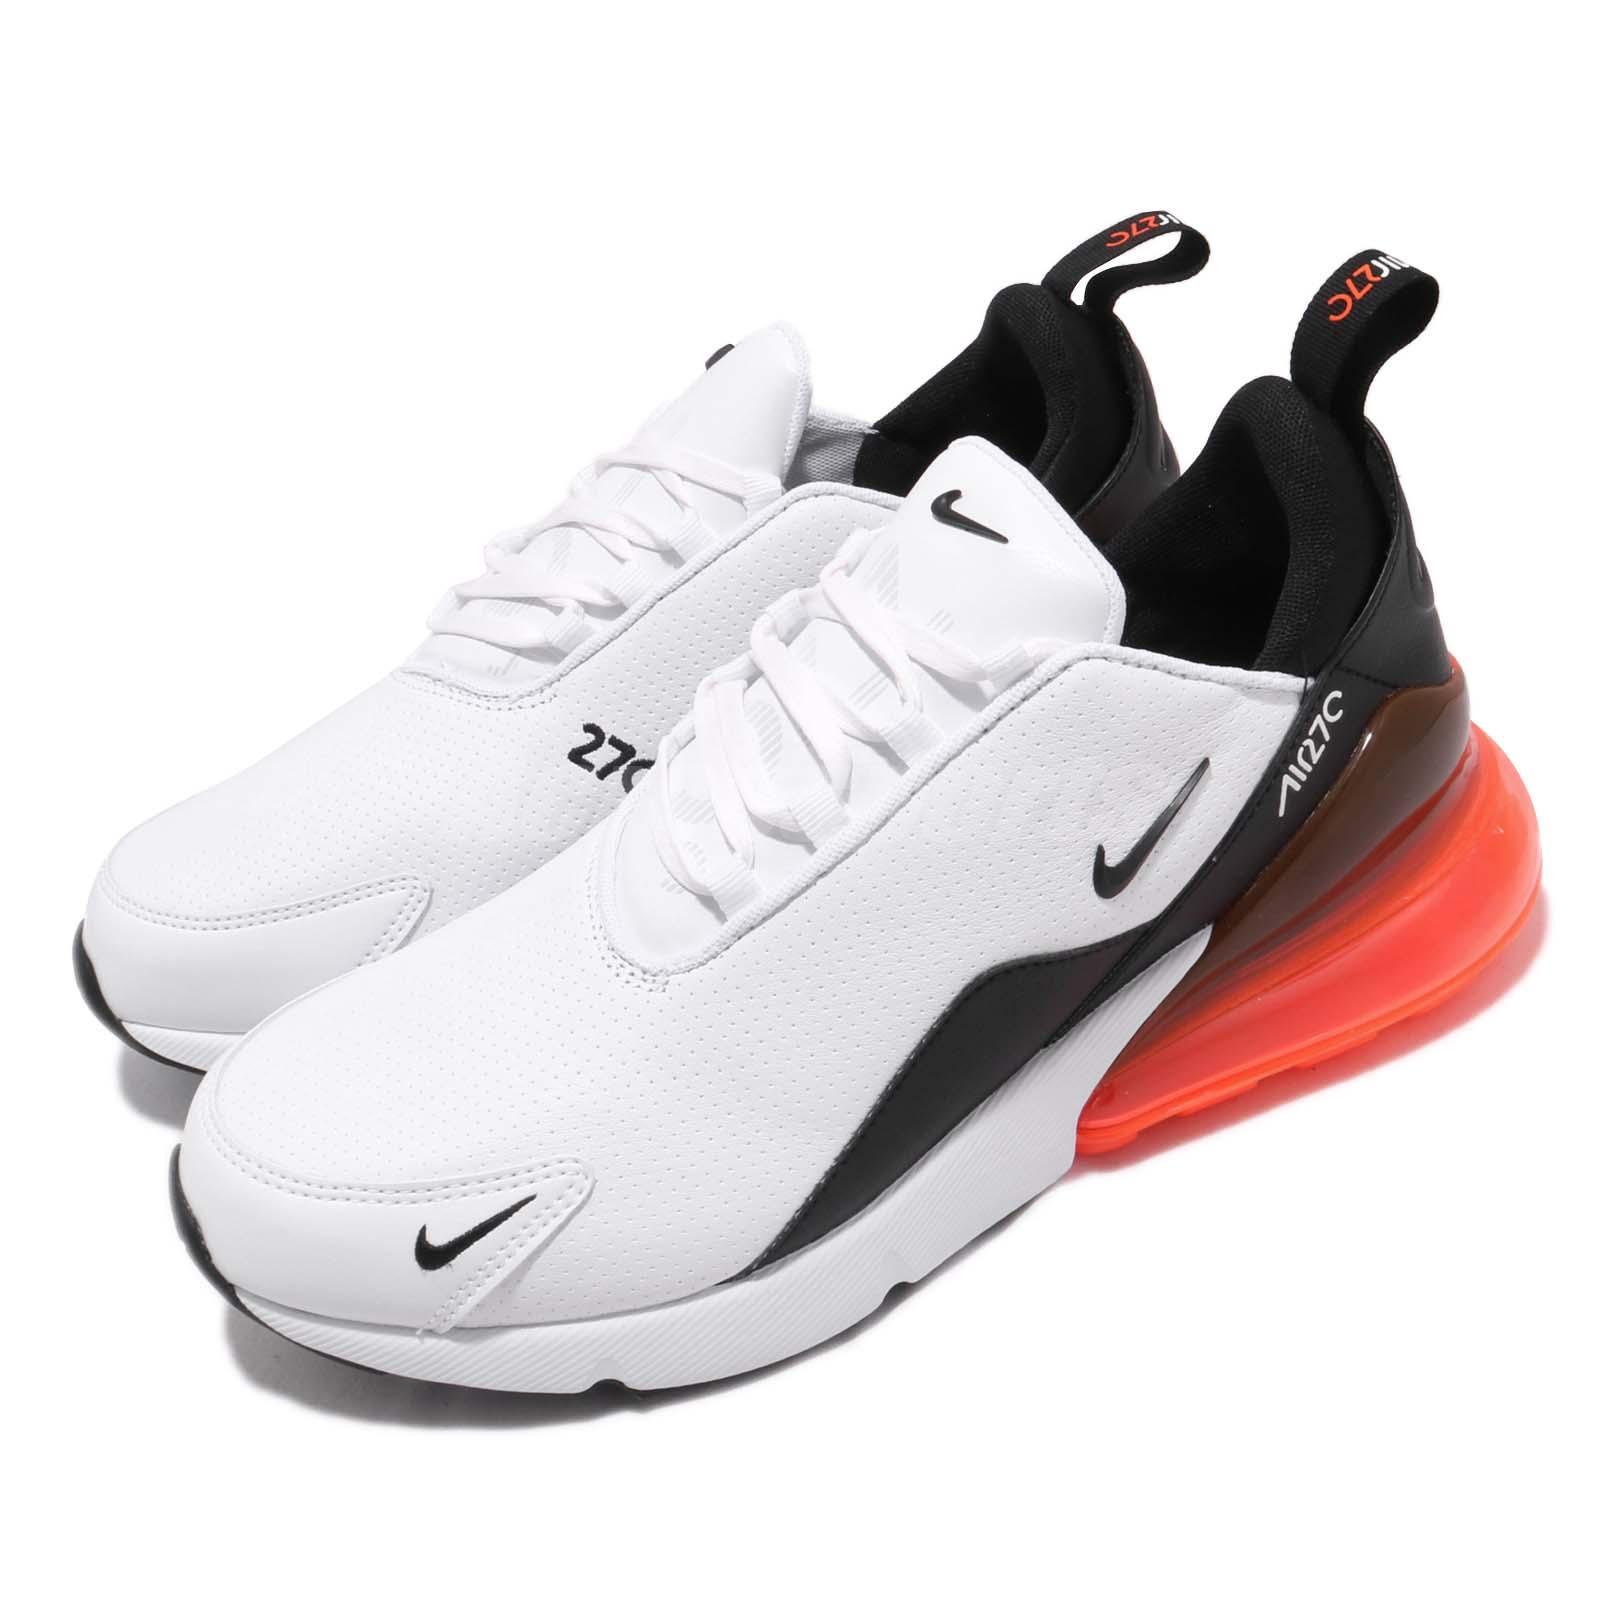 buy popular 8c410 d709d Details about Nike Air Max 270 PRM LEA Leather White Black Hyper Crimson  Men Shoes BQ6171-100